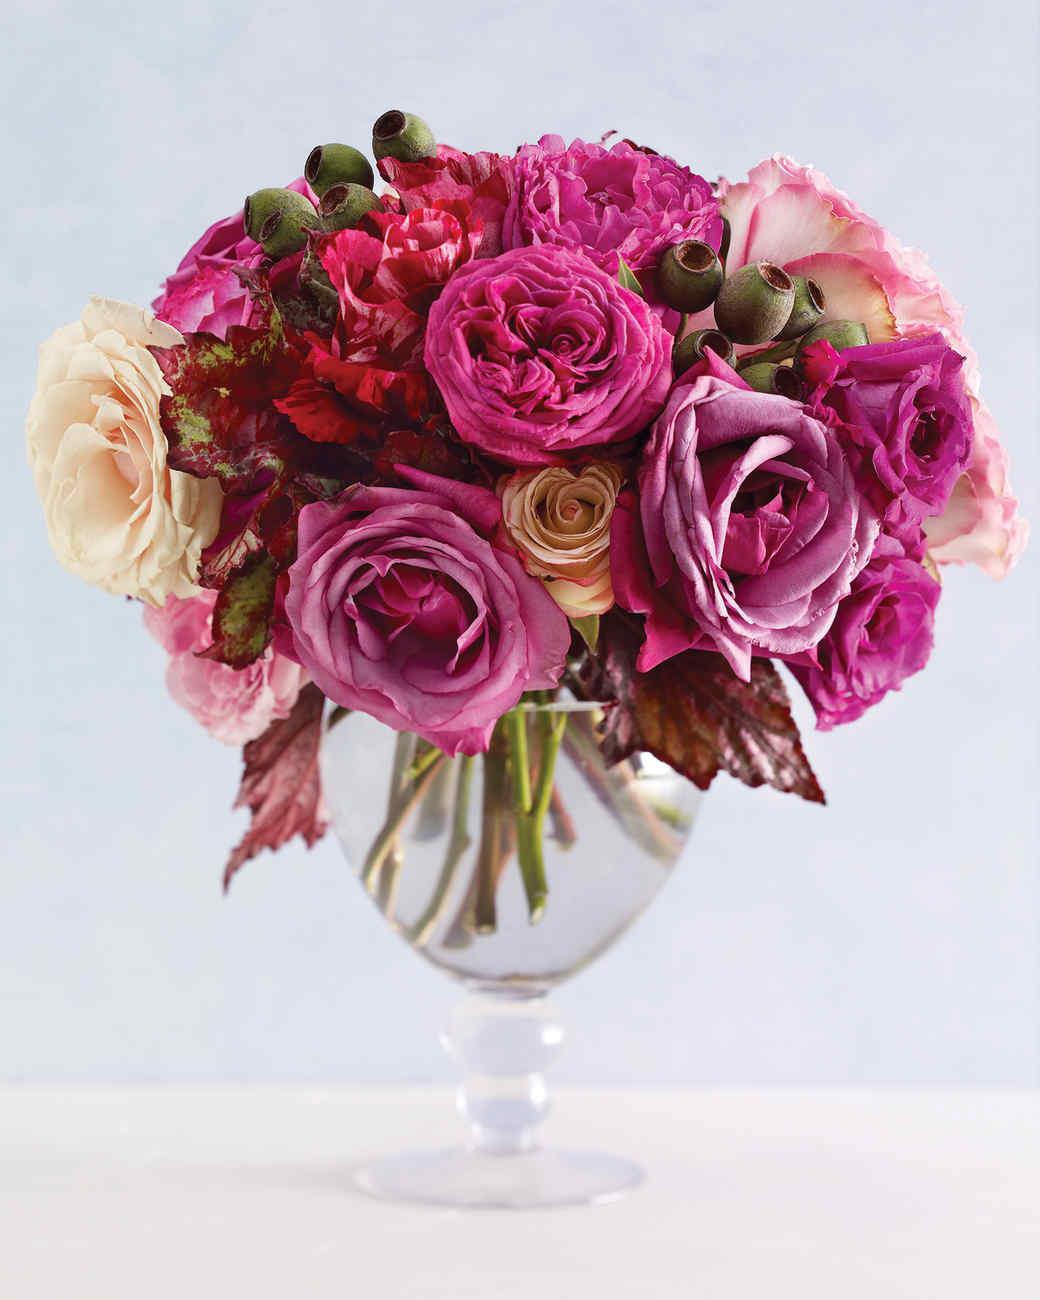 md104713_0210_roses_37.jpg